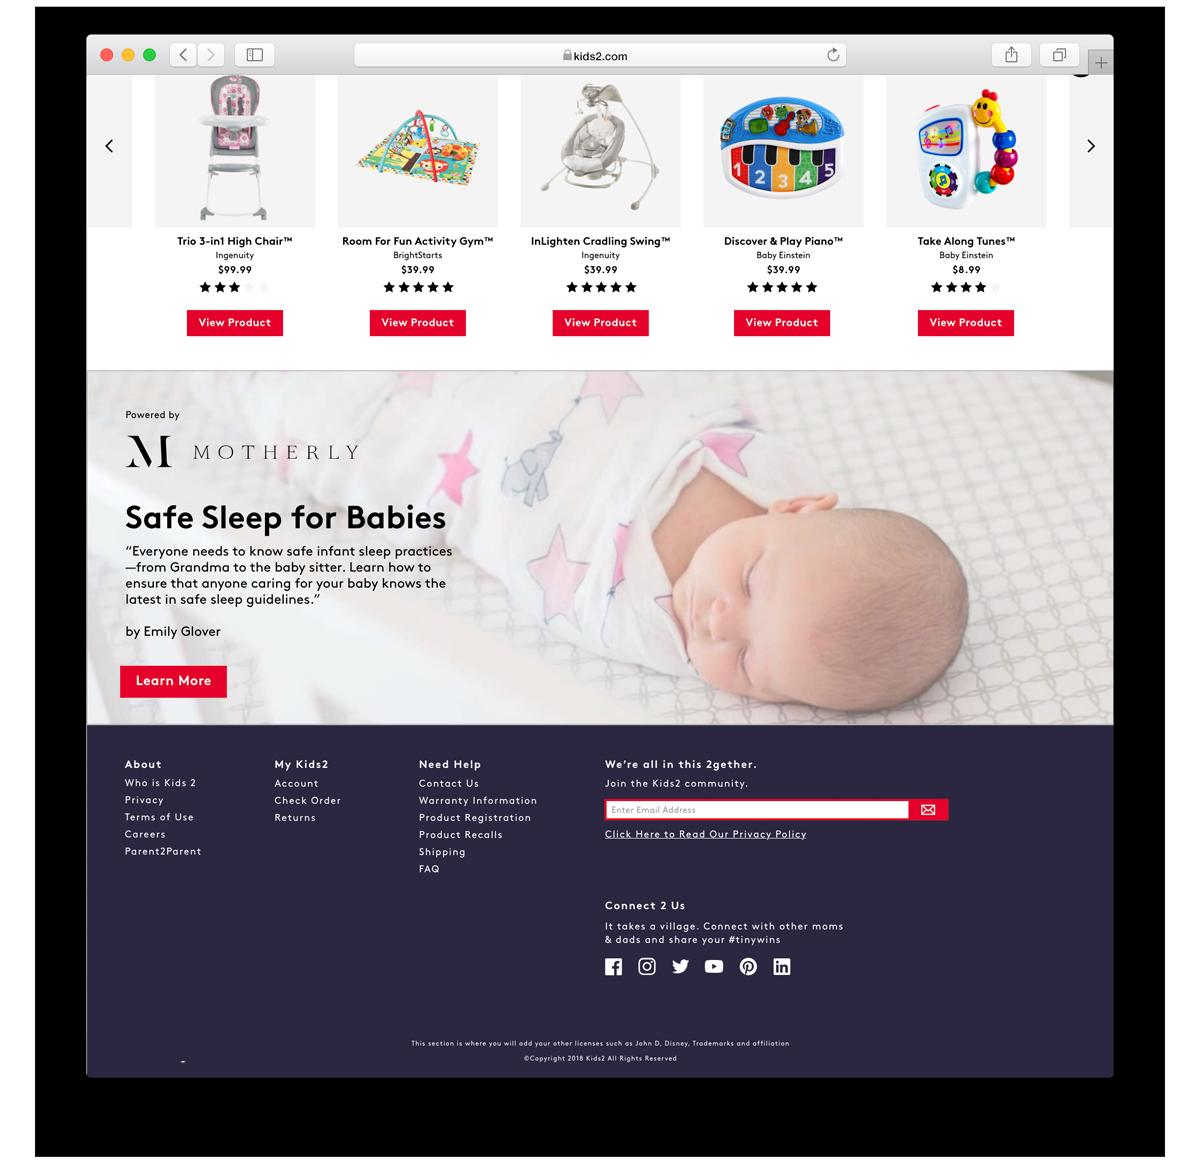 k2-homepage-desktop2.png